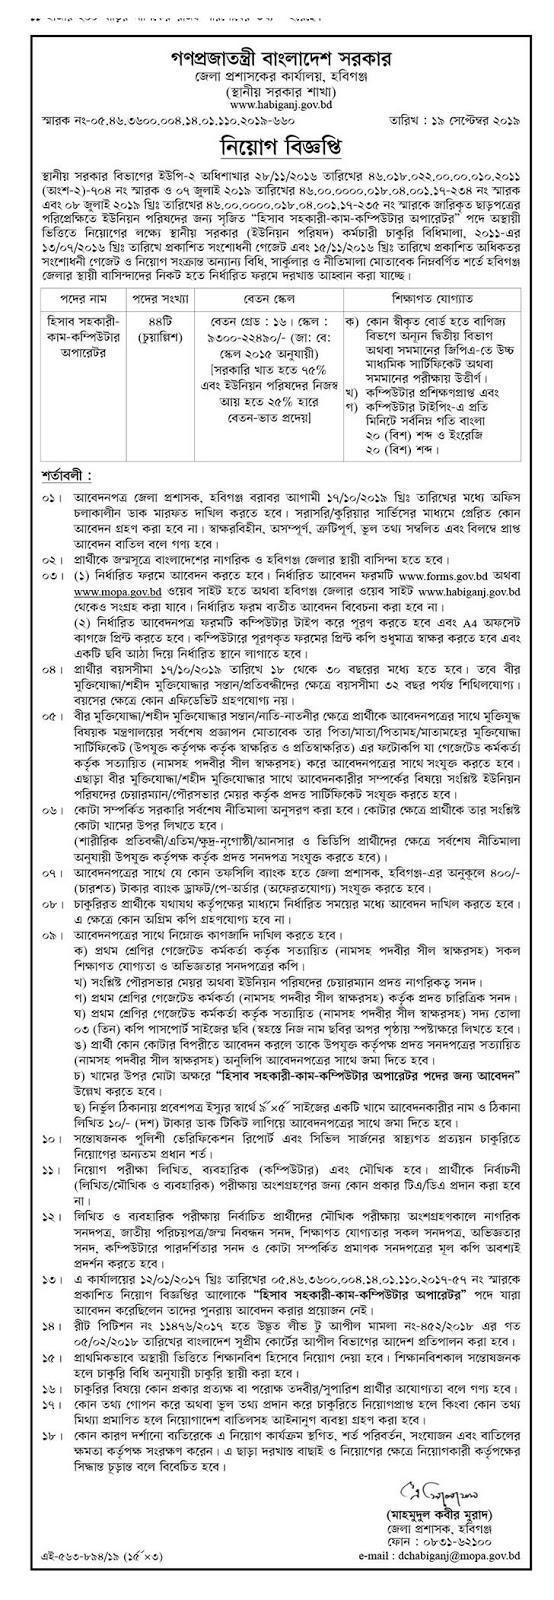 হবিগঞ্জ জেলা প্রশাসকের কার্যালয়ে নিয়োগ বিজ্ঞপ্তি